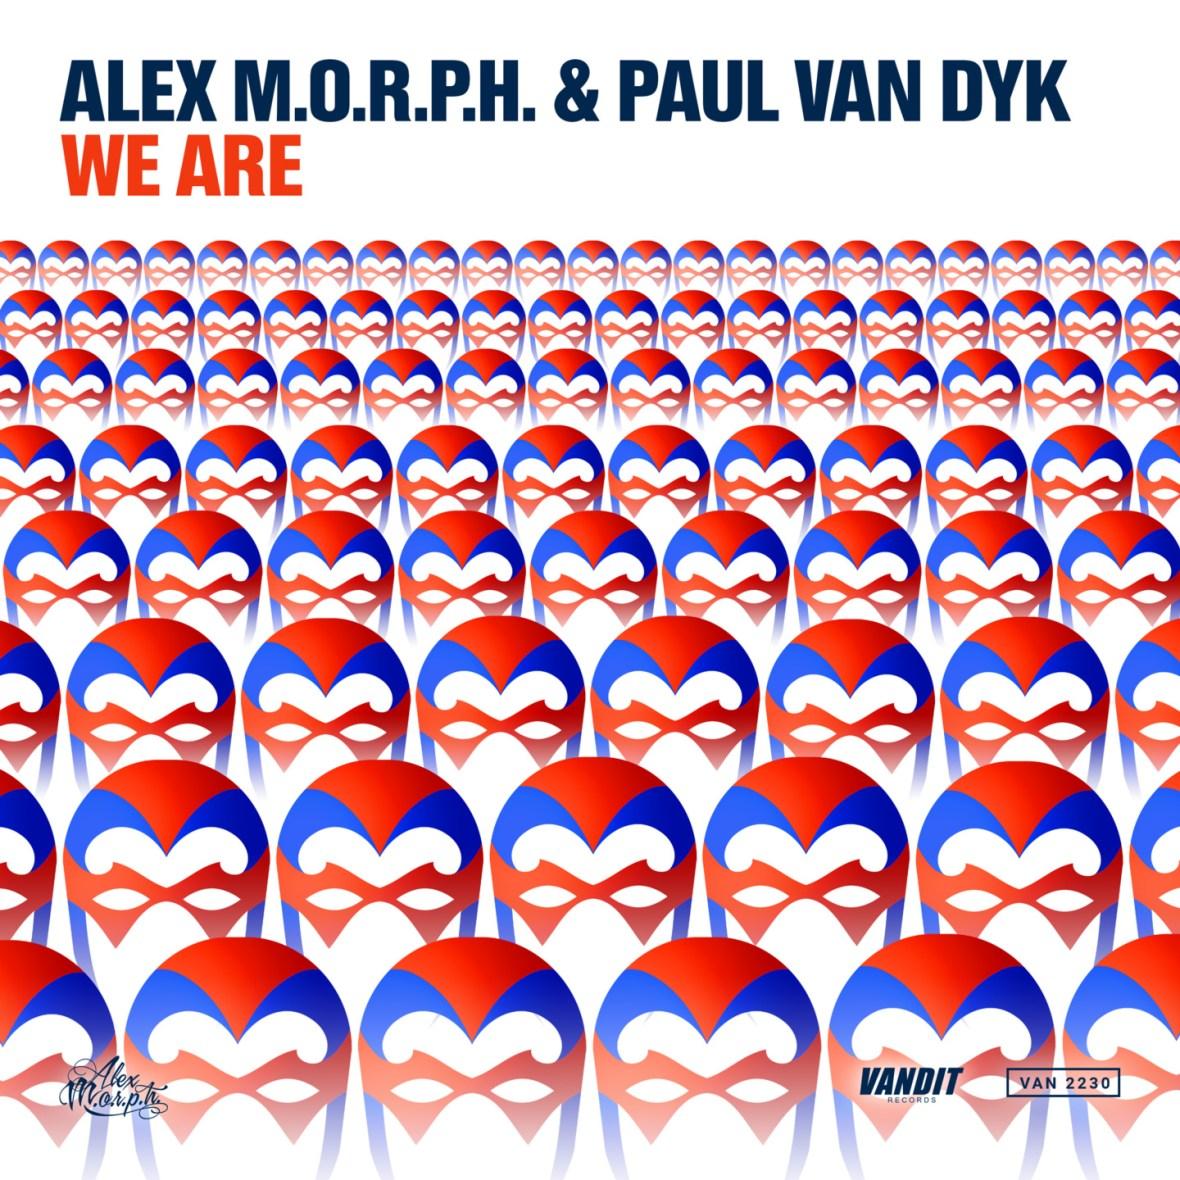 We Own The Nite NYC_Paul van Dyk_Alex M.O.R.P.H._We Are_Vandit